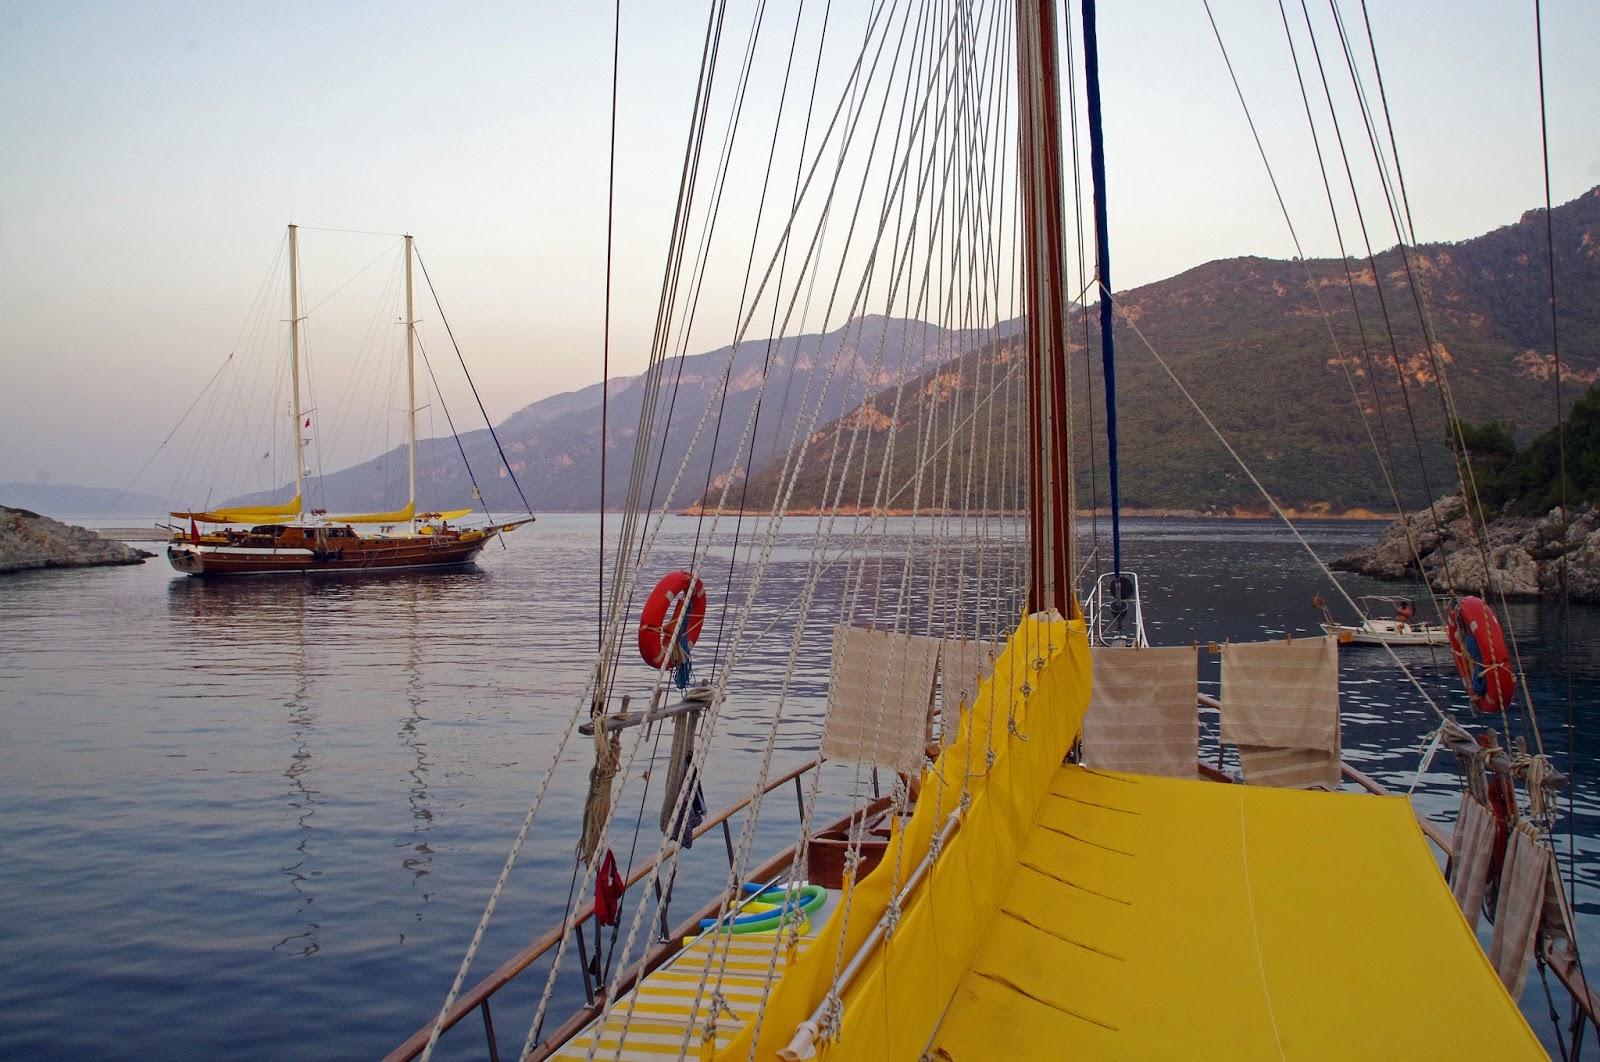 Sailing in Turkey with Neyzen